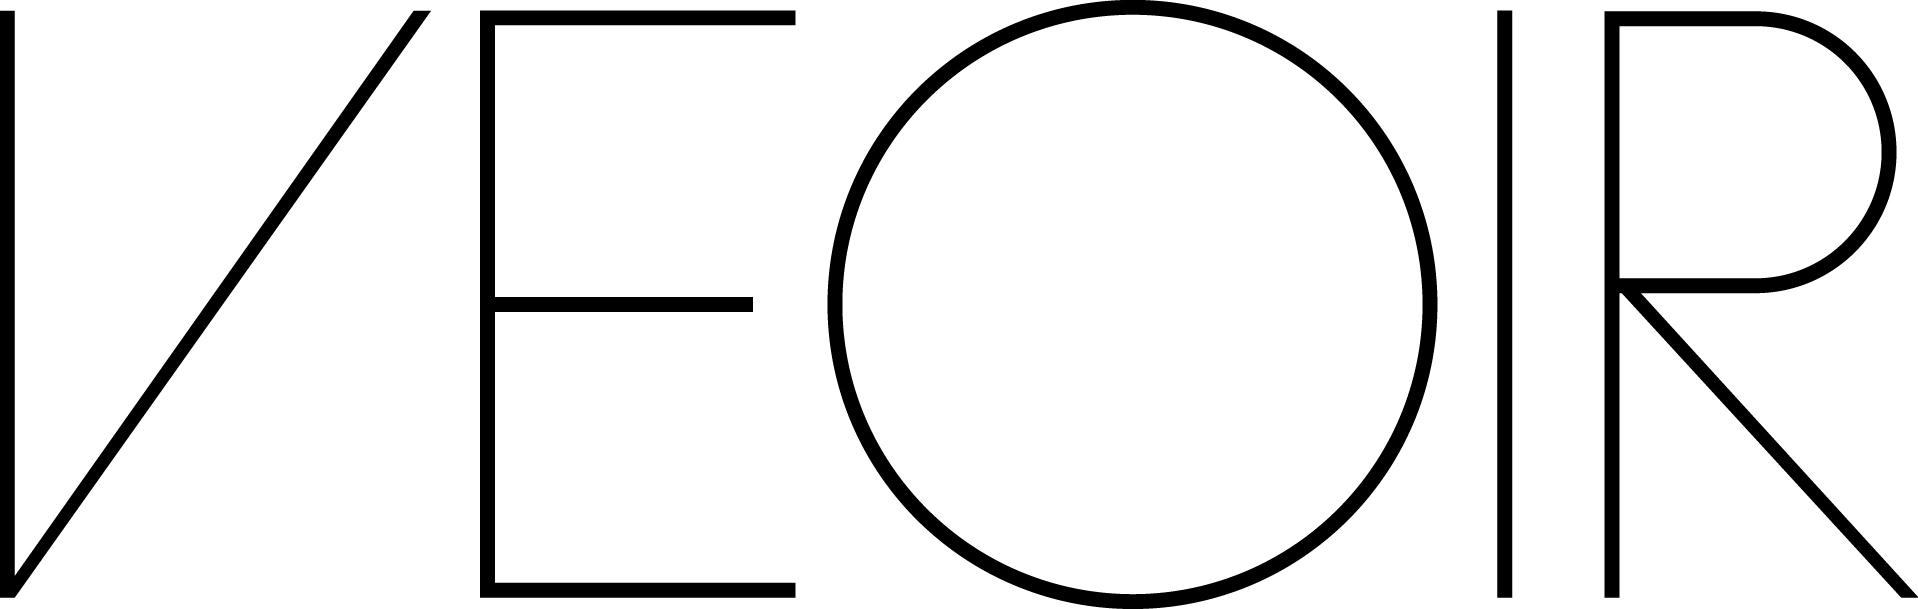 veoir_logo_web_new.jpg